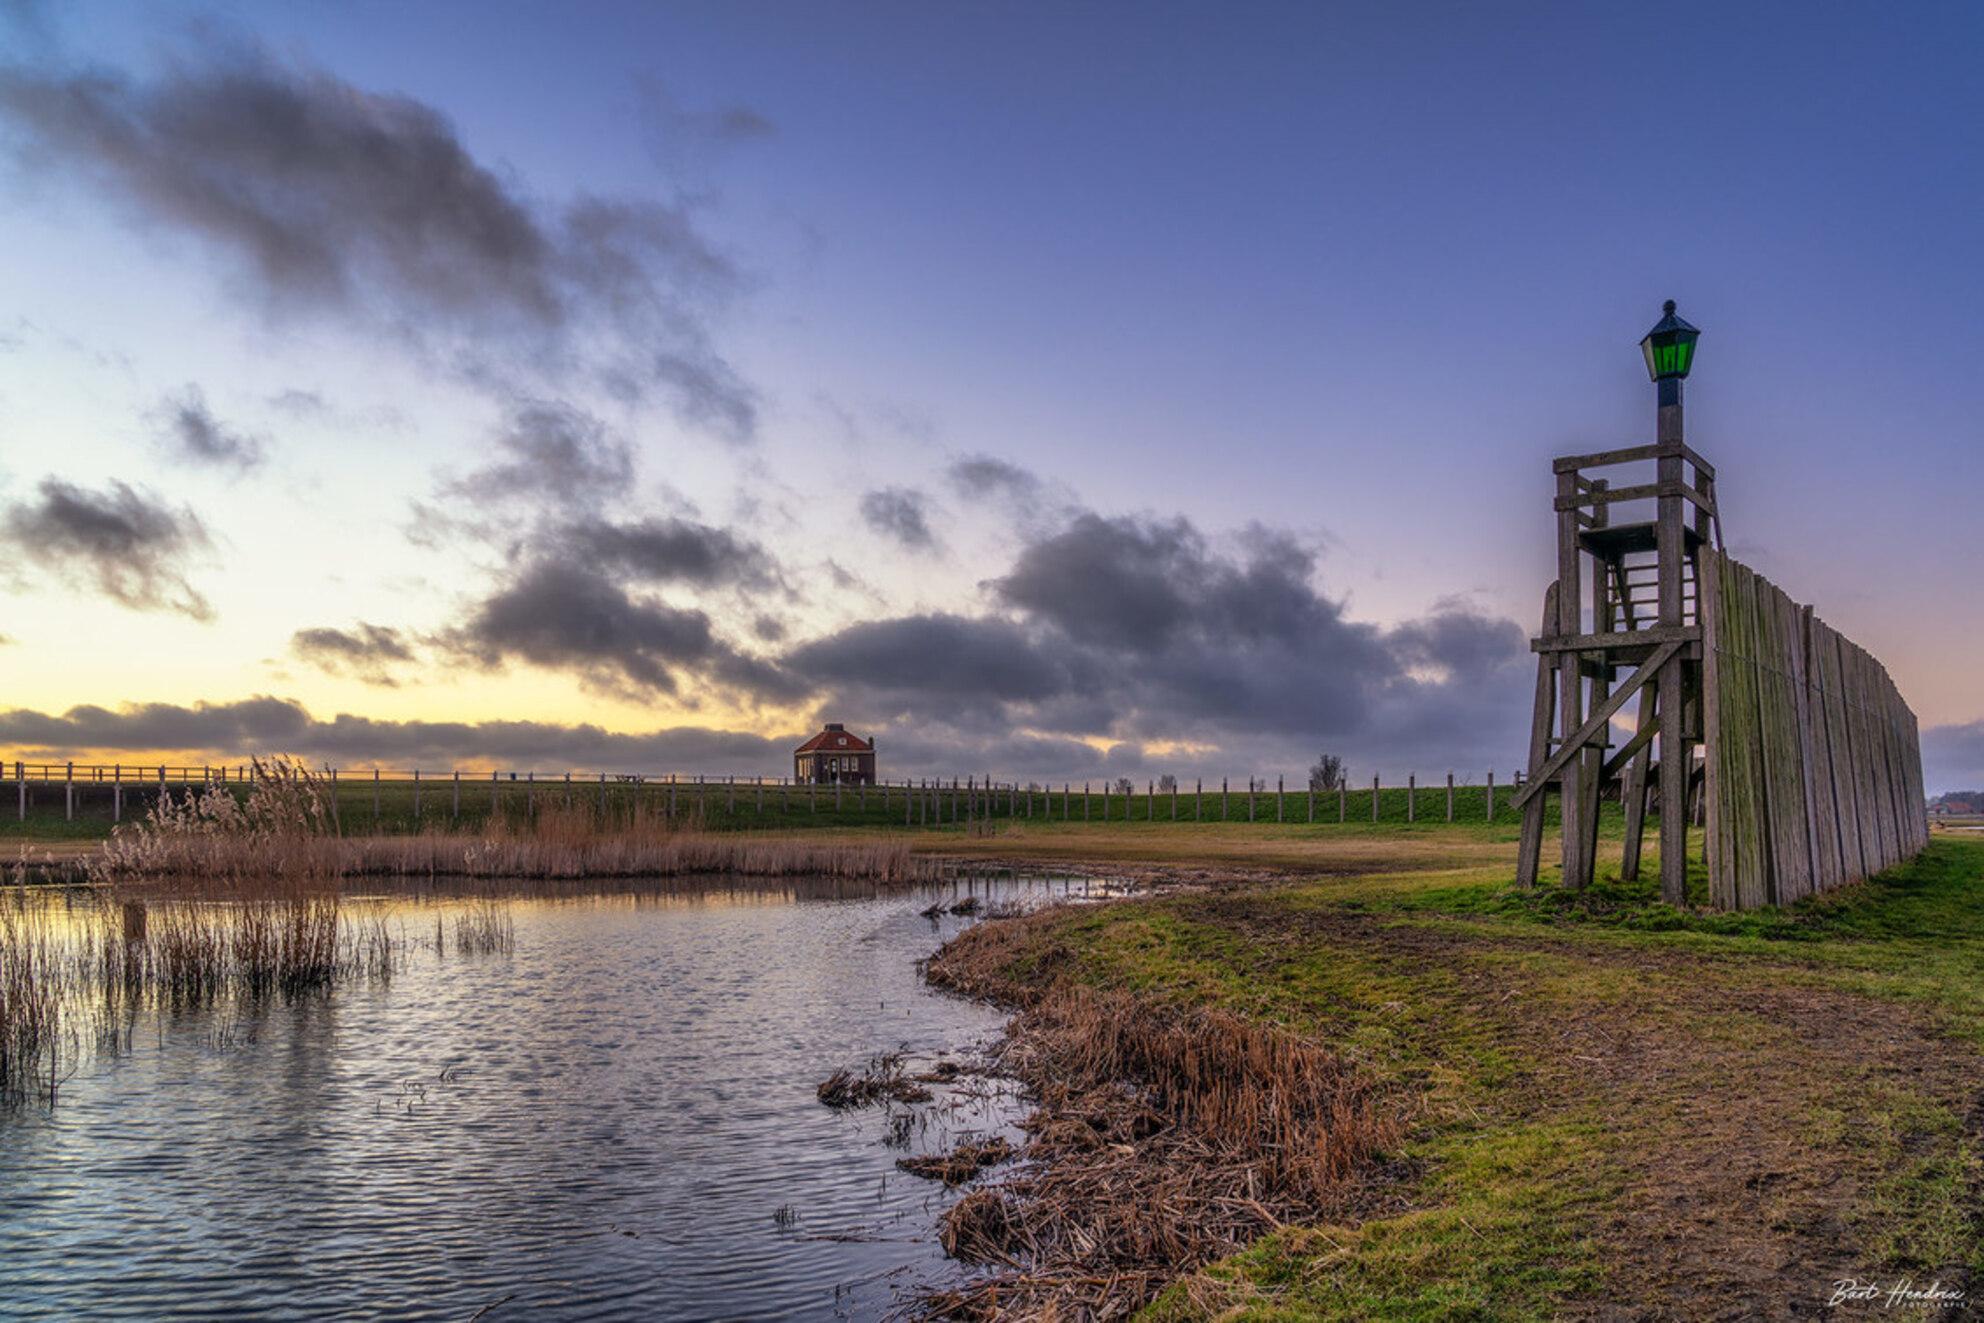 Werelderfgoed Schokland - Genieten van de zonsondergang op Schokland - foto door barthendrix op 28-02-2021 - deze foto bevat: lucht, wolken, natuur, licht, avond, zonsondergang, landschap, schokland, polder - Deze foto mag gebruikt worden in een Zoom.nl publicatie